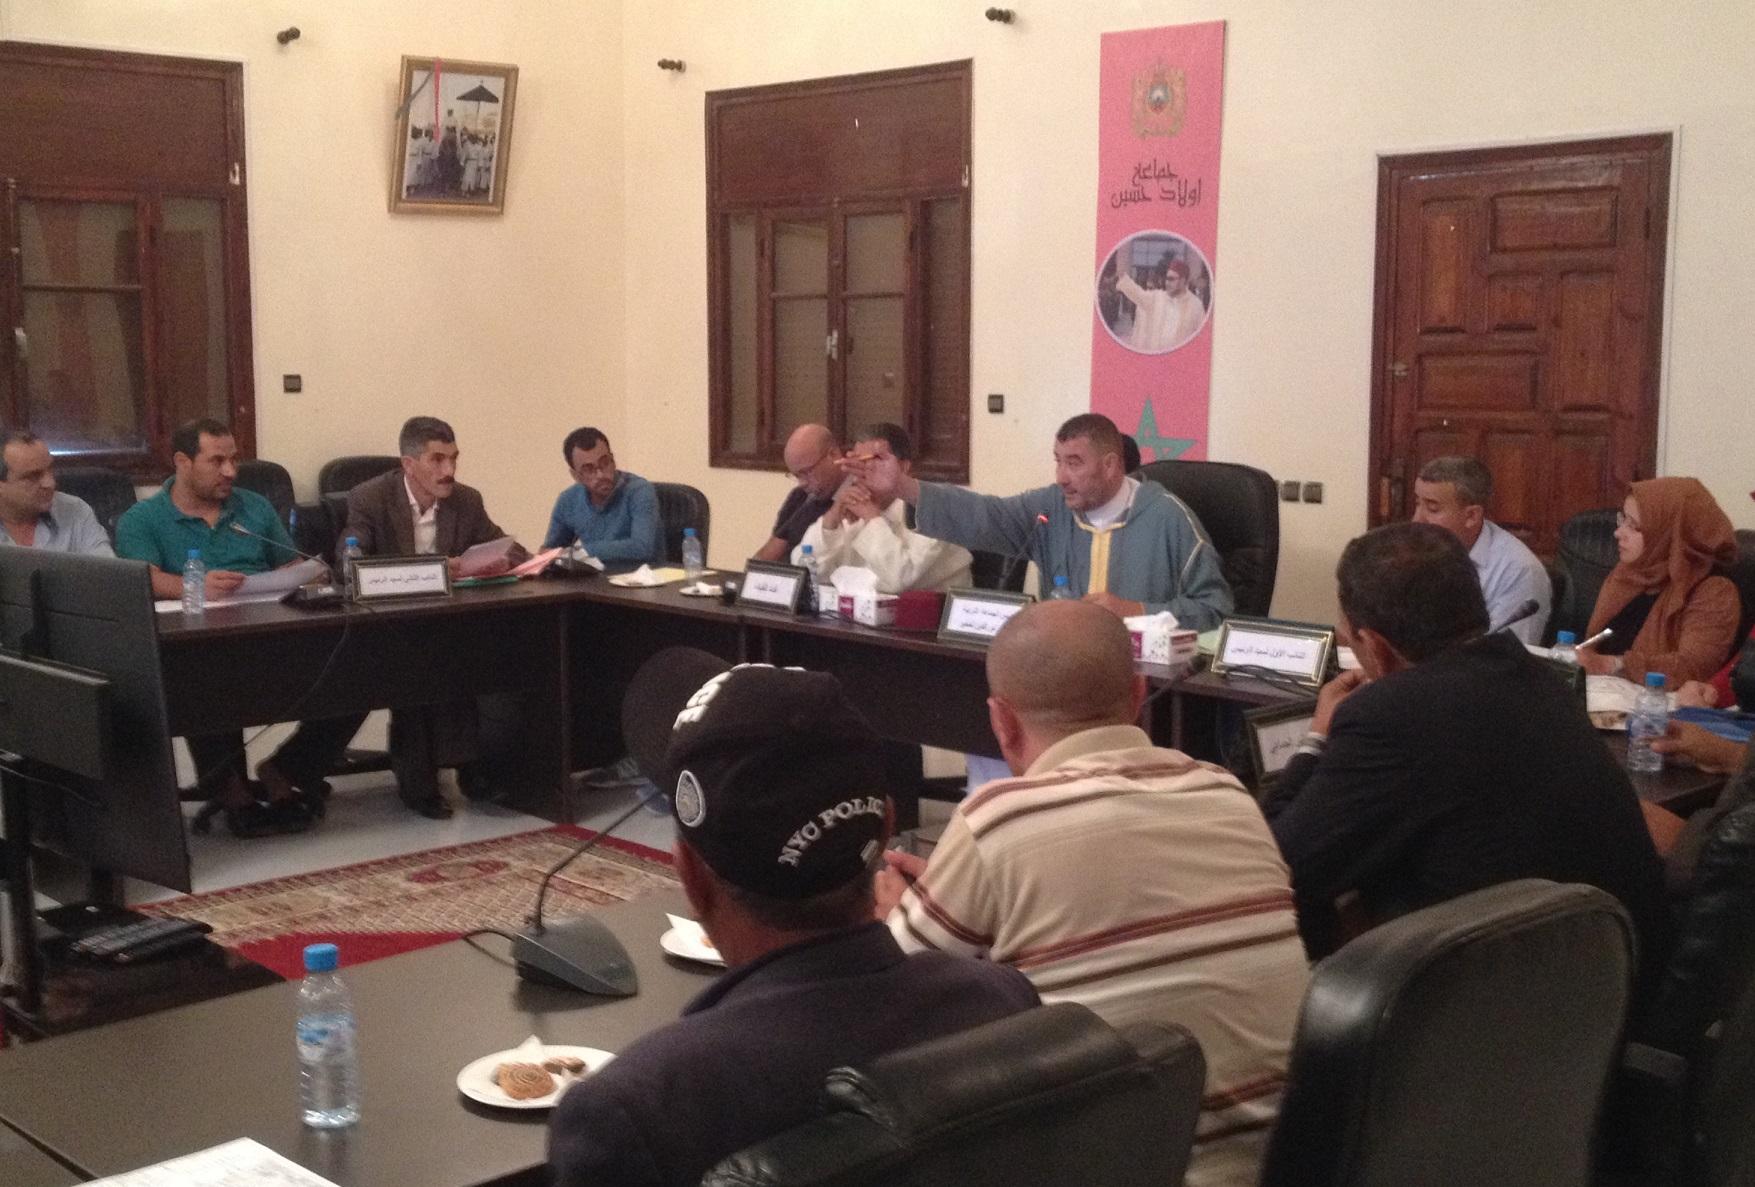 المجلس الجماعي لأولاد أحسين يصوت بالإجماع على مشروع تصميم التهيئة لمركز الجماعة